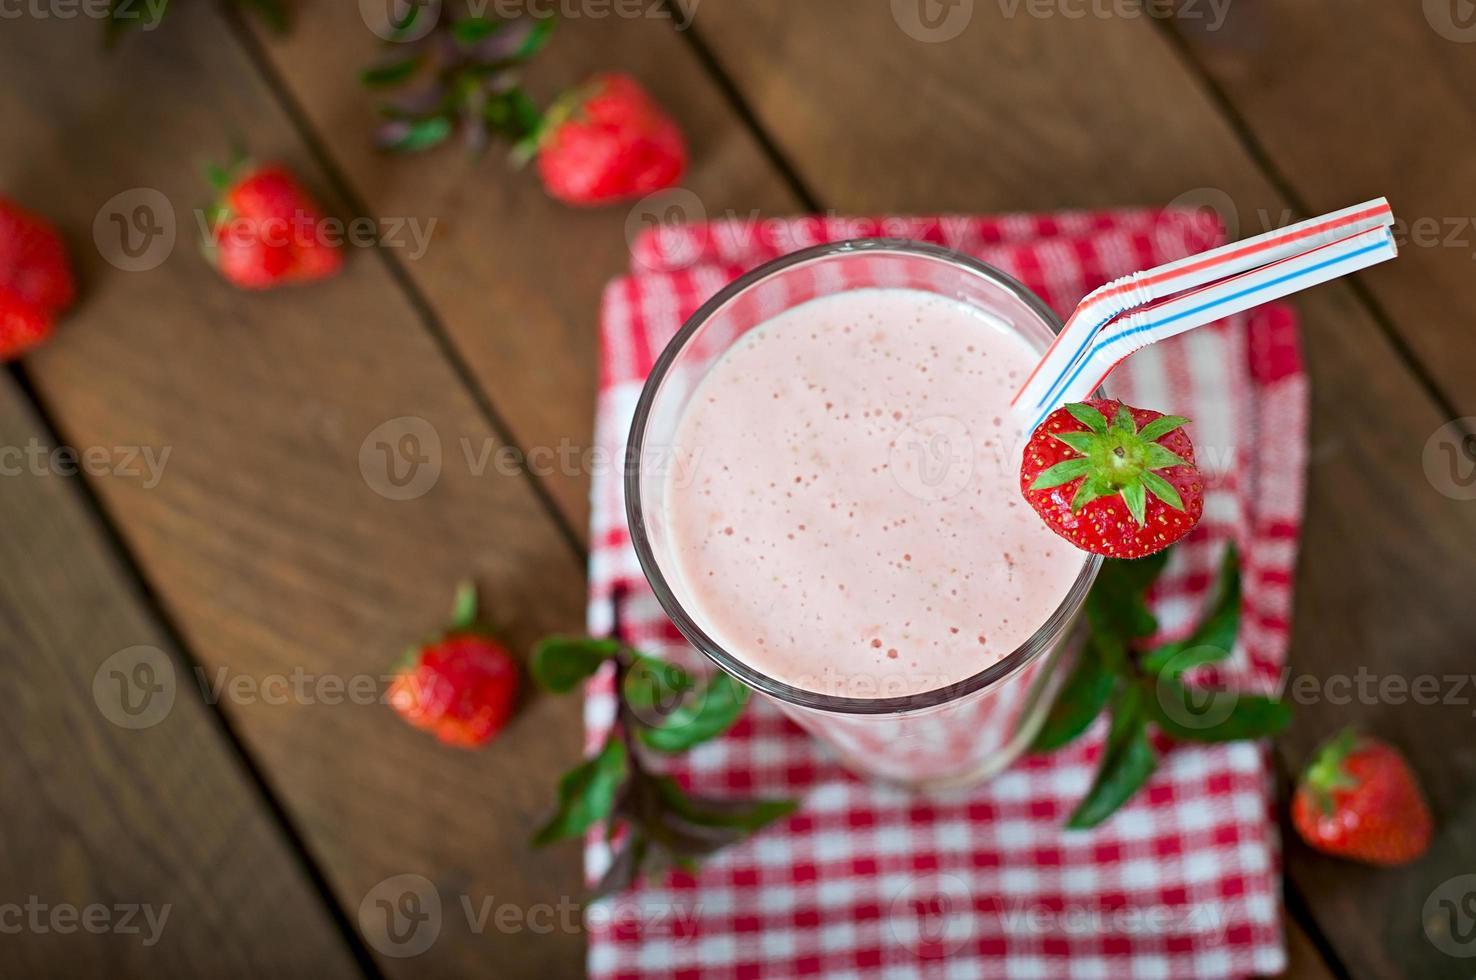 frullato di fragole frullato con fragole fresche foto